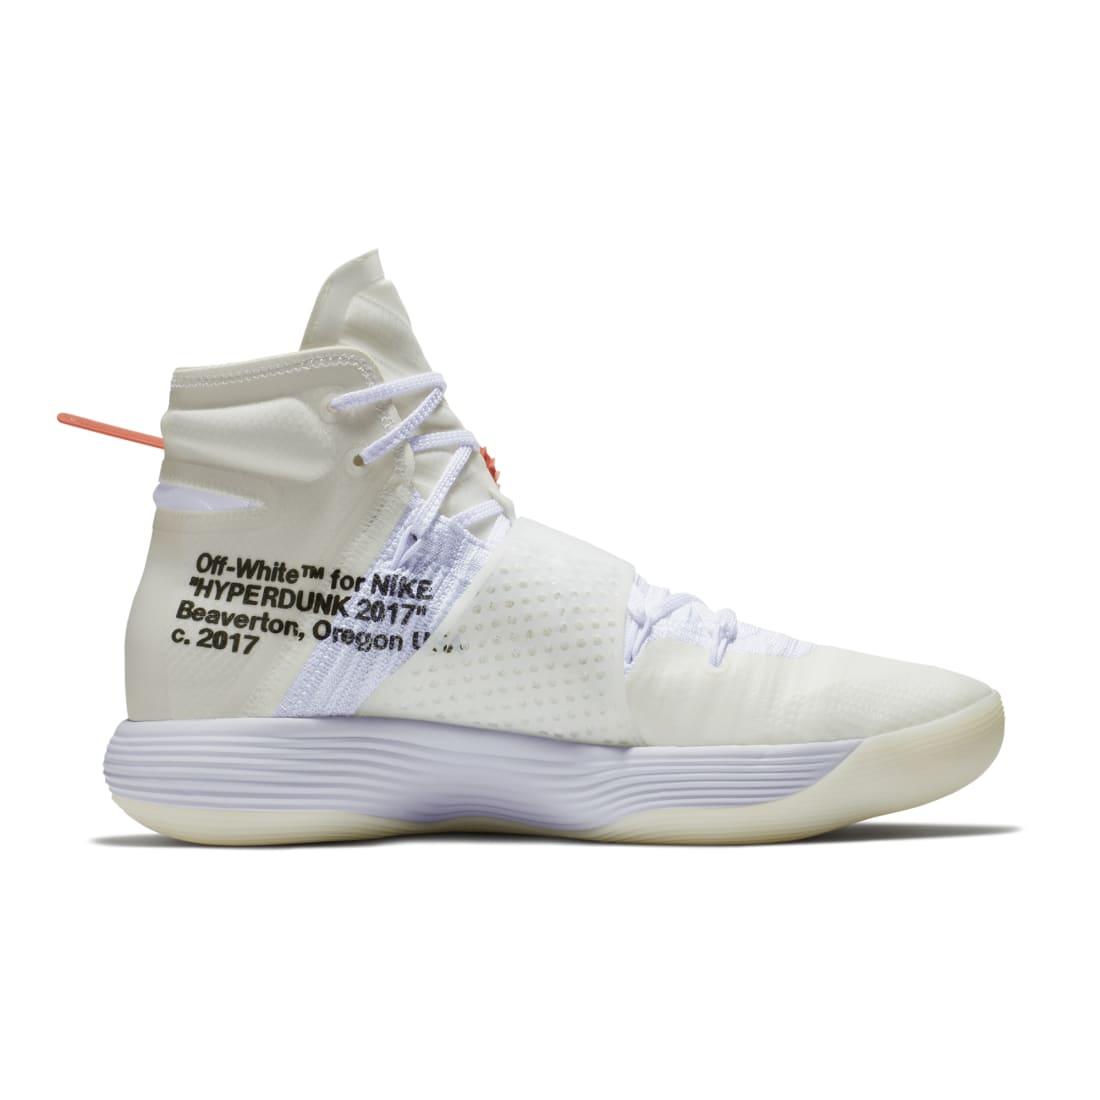 Nike Hyperdunk Flyknit Off-White